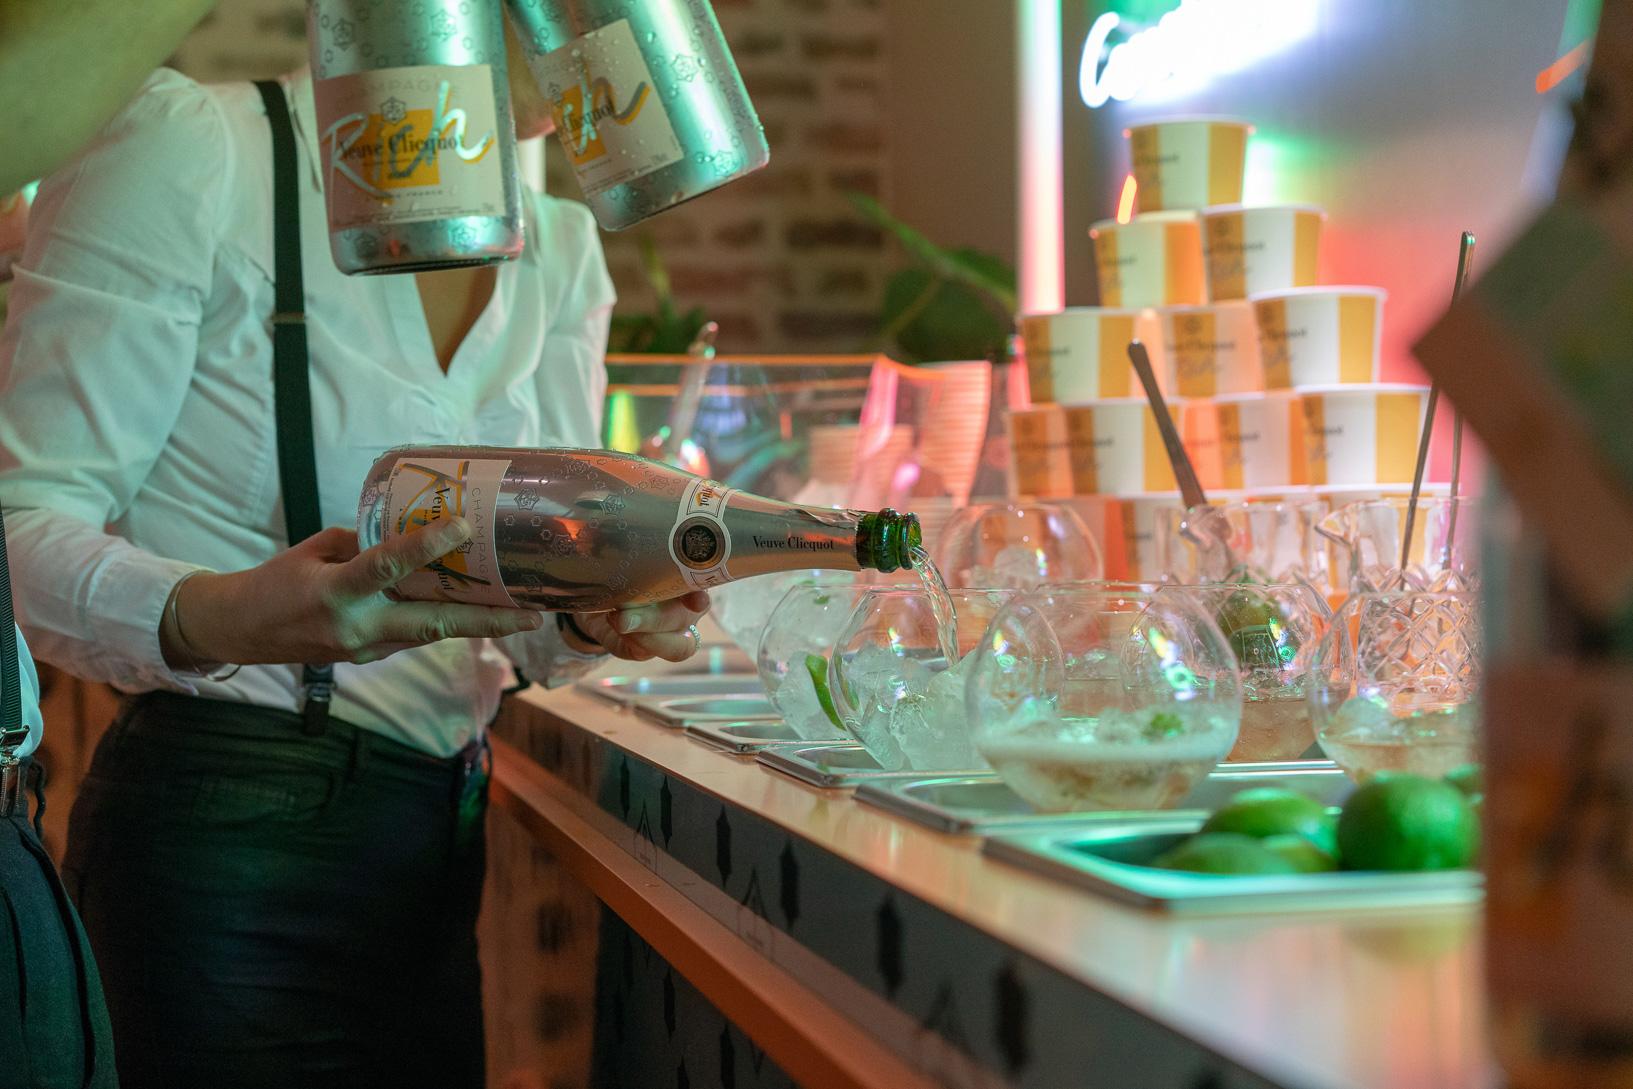 VEUVE-CLICQUOT_Coolest-Rich-Bar_SPIRITUEUX_Champagne-Bar-Evenementiel_PLANET-DESIGN-PARIS-Eric-Berthes_29.jpg